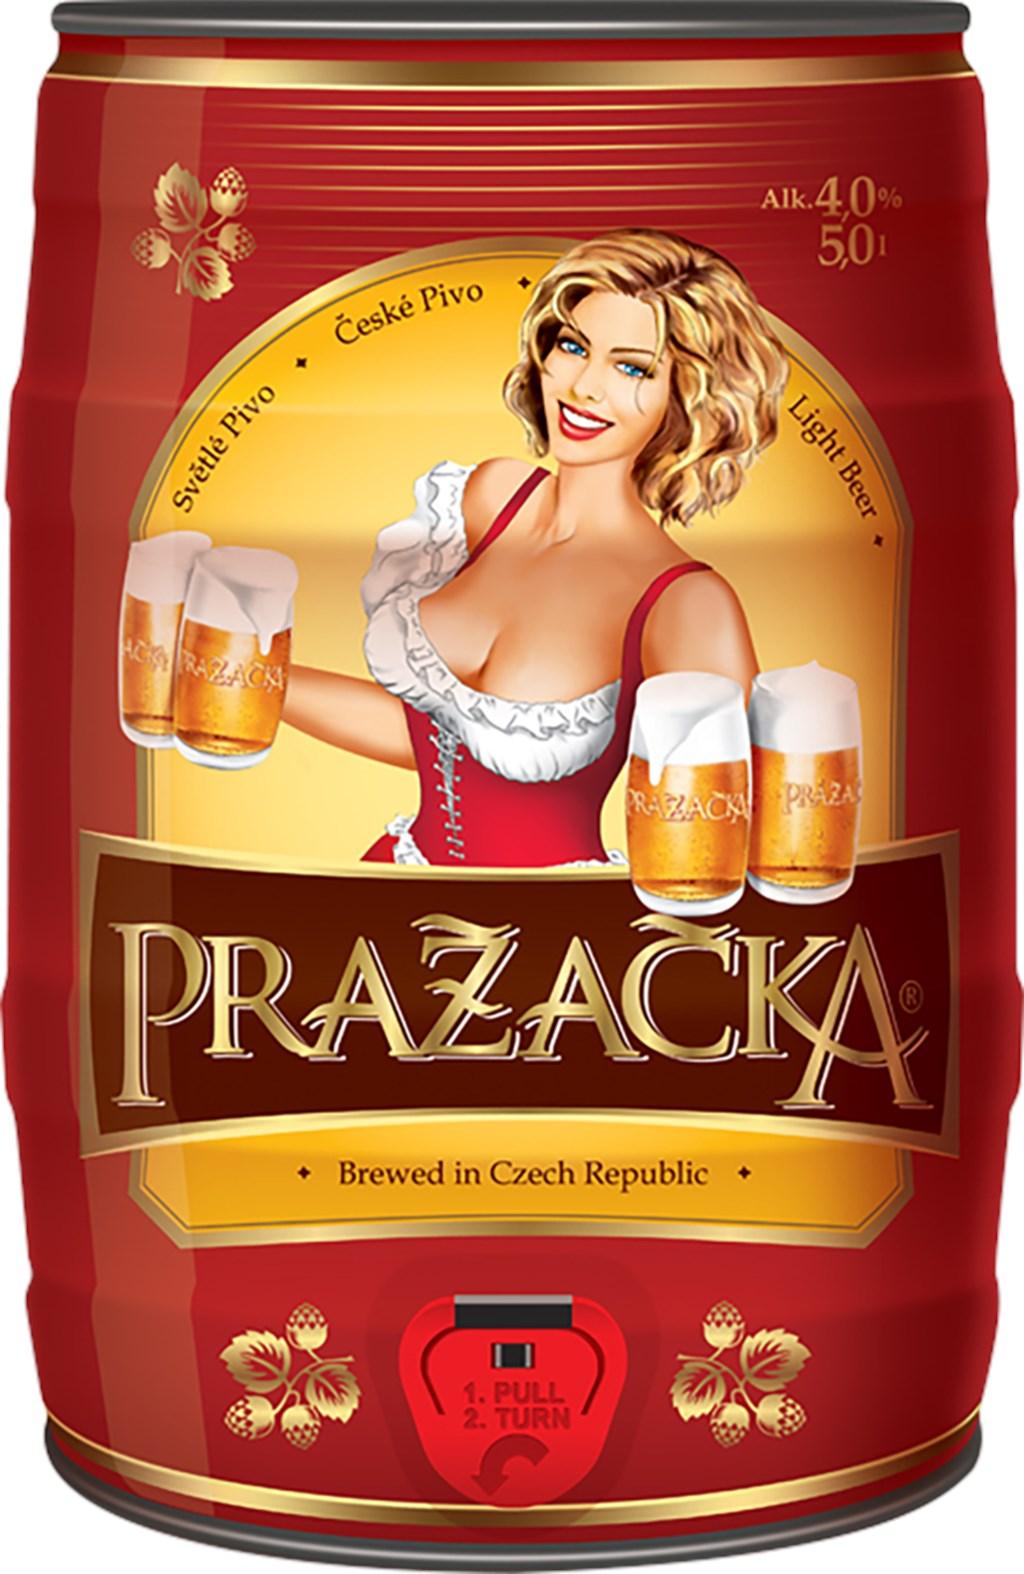 Пиво пражечка - вкусовые особенности